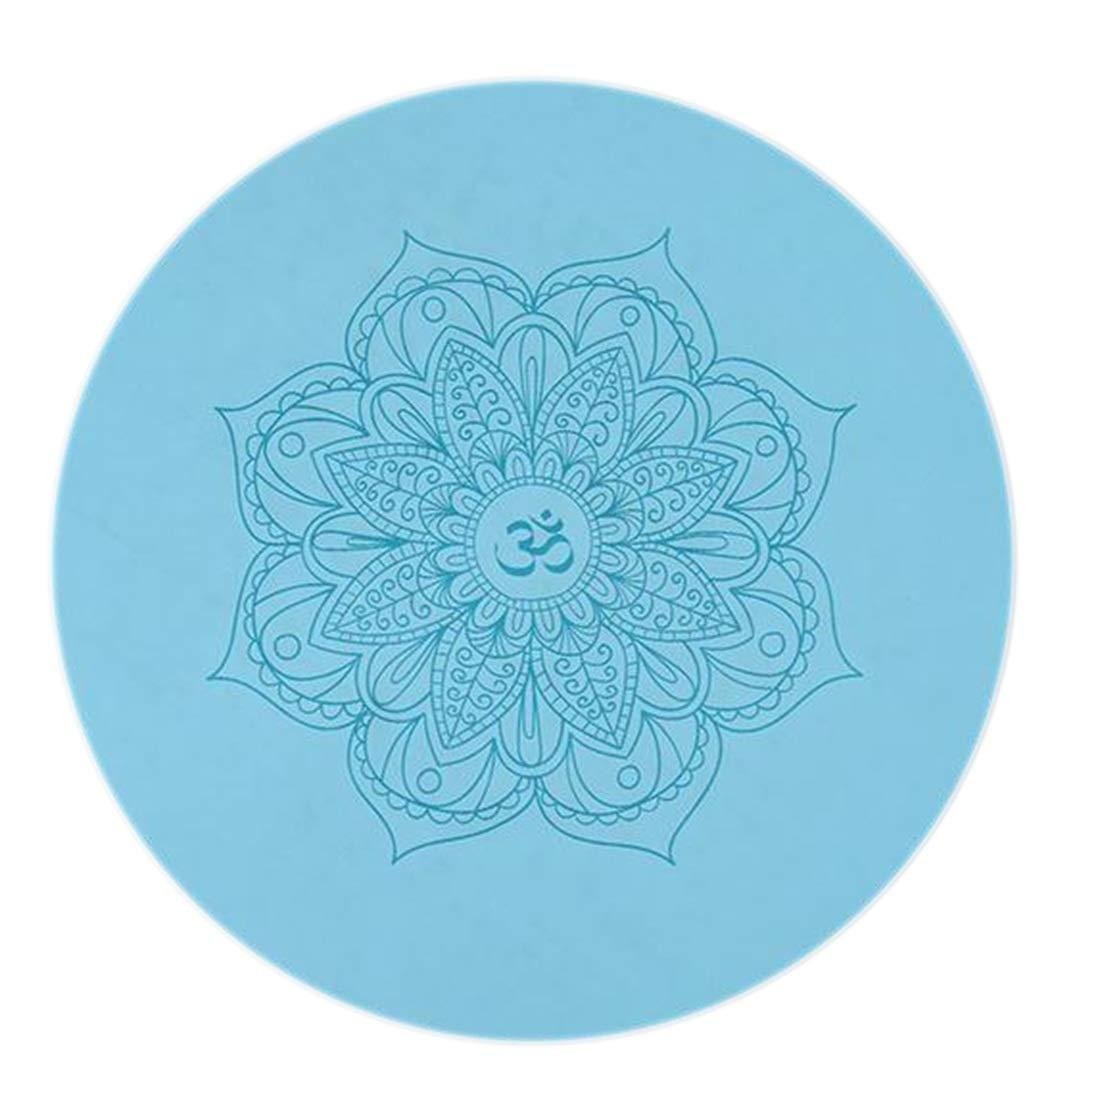 JESSIEKERVIN YY3 Runde Yoga Matte-Rutschfeste Naturkautschuk Handtuch Pu Printed Teppiche Meditation Matte 60  60  0,5 cm